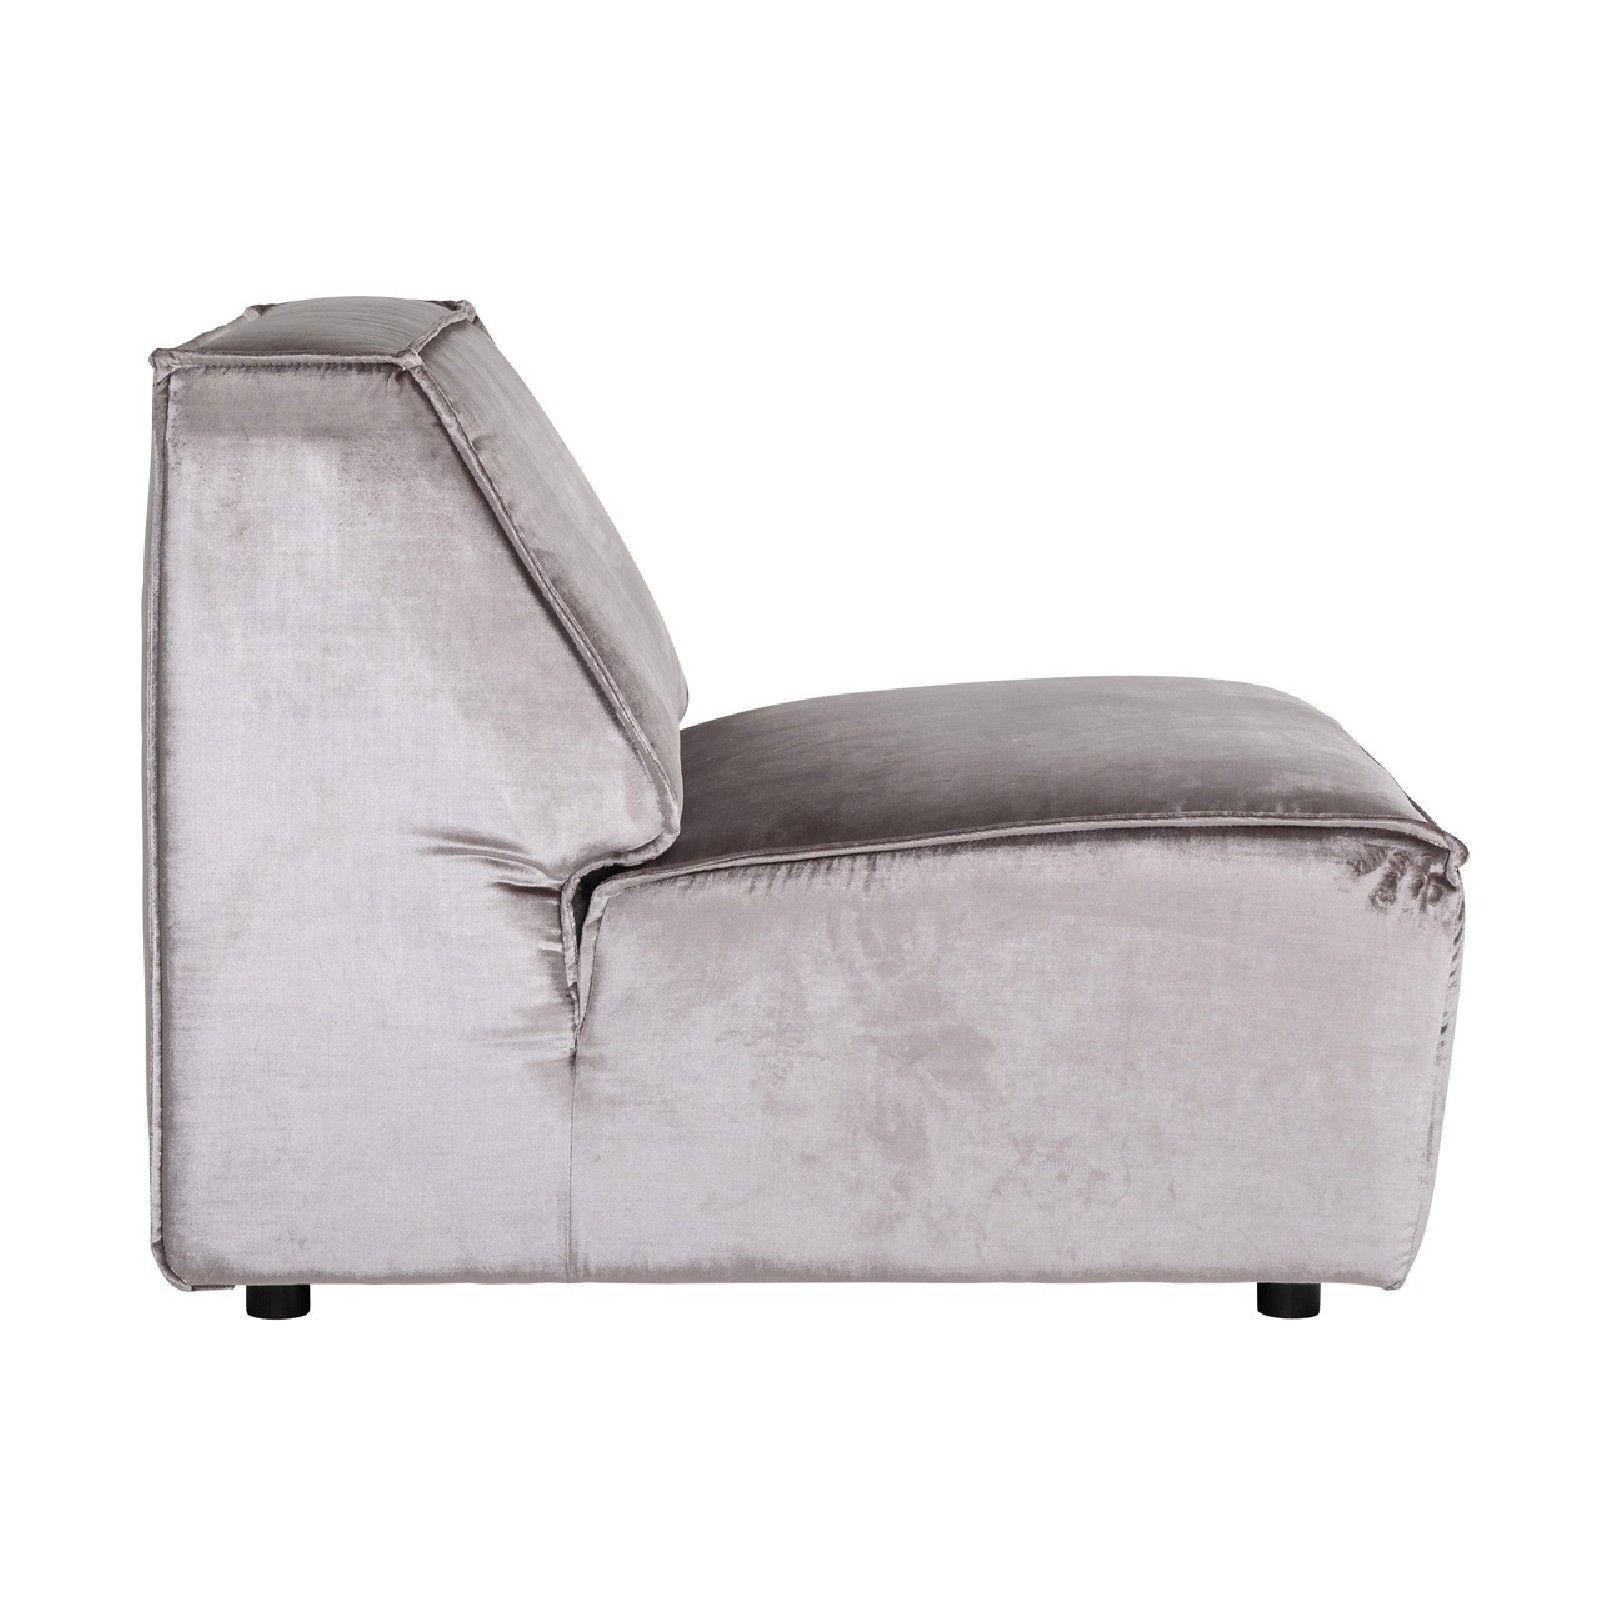 Module élément dossier 1,5 places pour canapé d'angle Devon Canapés d'angle - 124